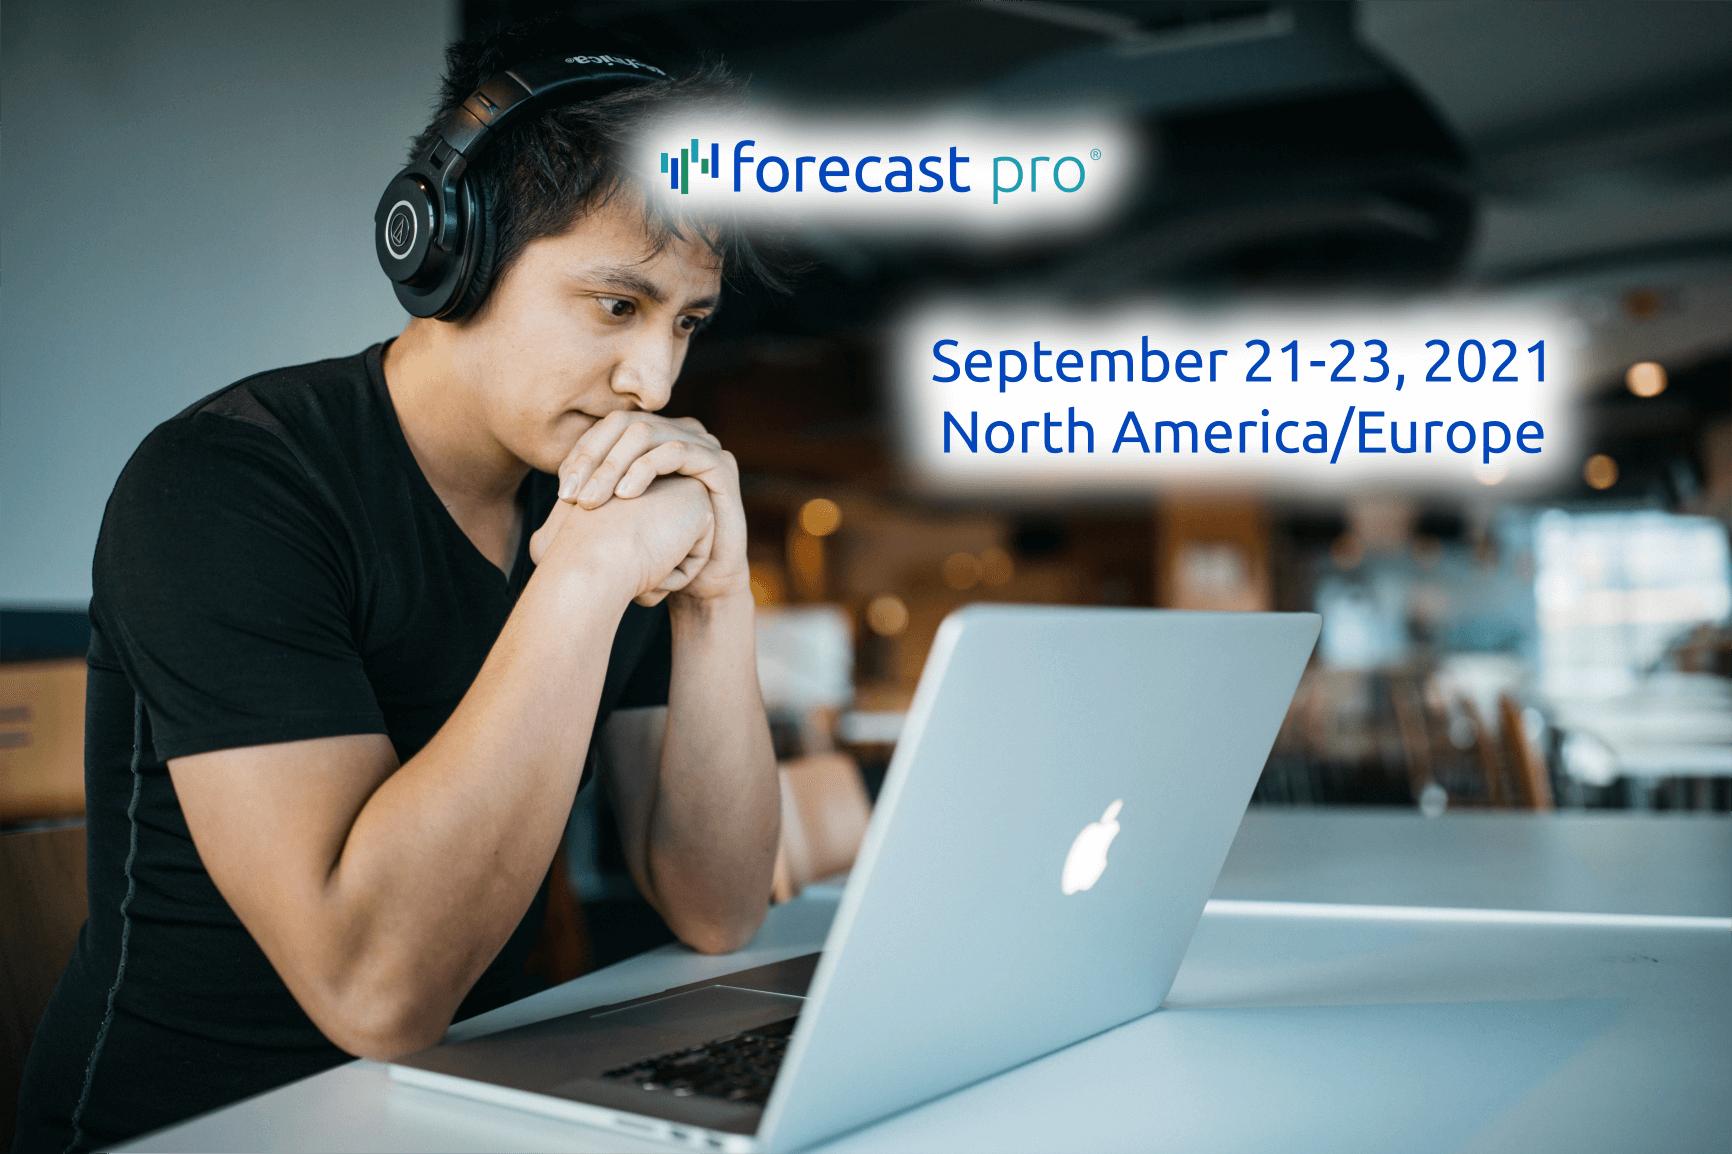 September 21-23, 2021 Workshop Image (Man on computer)